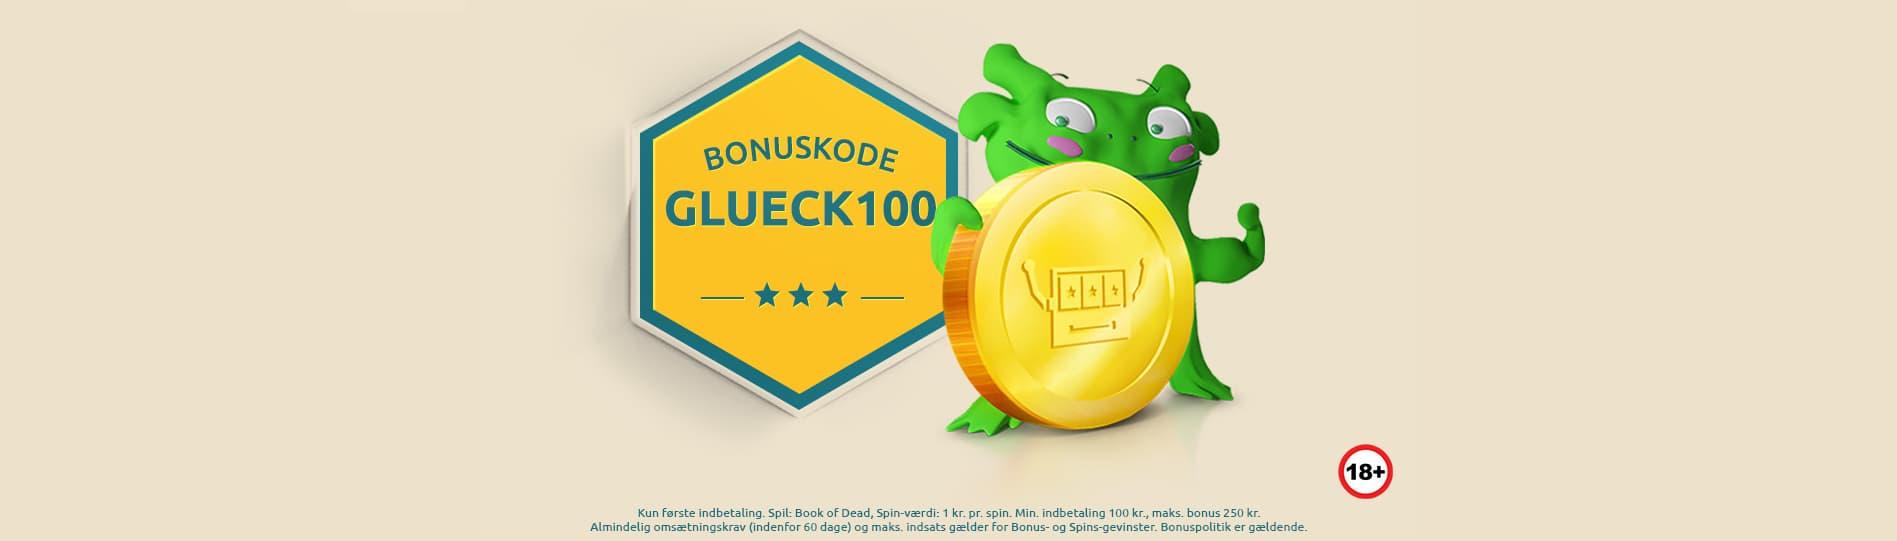 Grøn karakter ved siden af bonuskode skilt